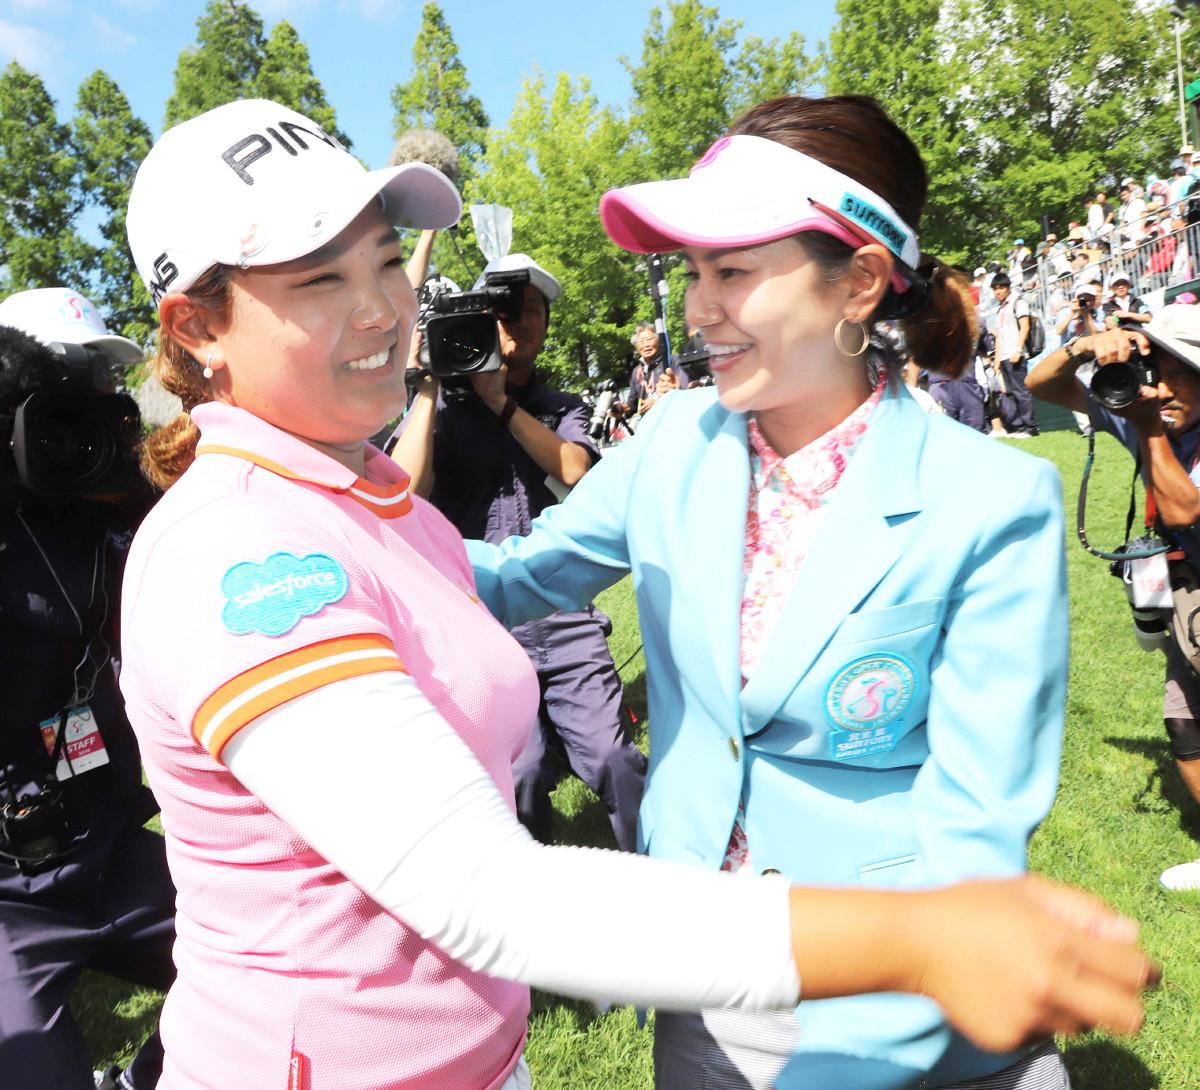 優勝した鈴木愛(左)は宮里藍さんにハグで祝福され笑顔(カメラ・渡辺 了文)